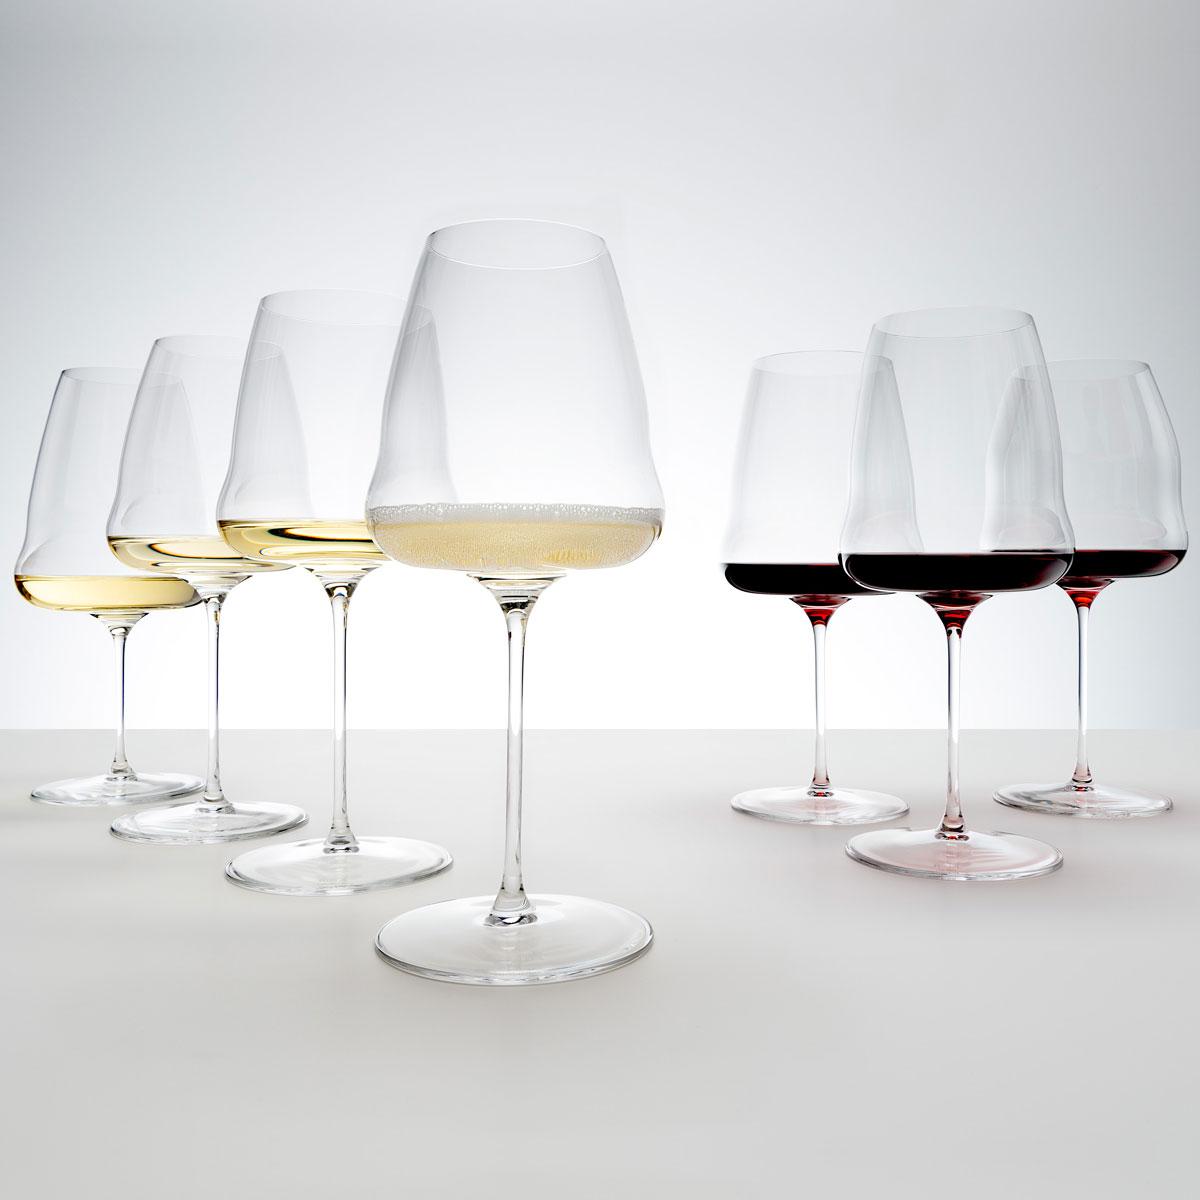 New Riedel Glassware range in 2020